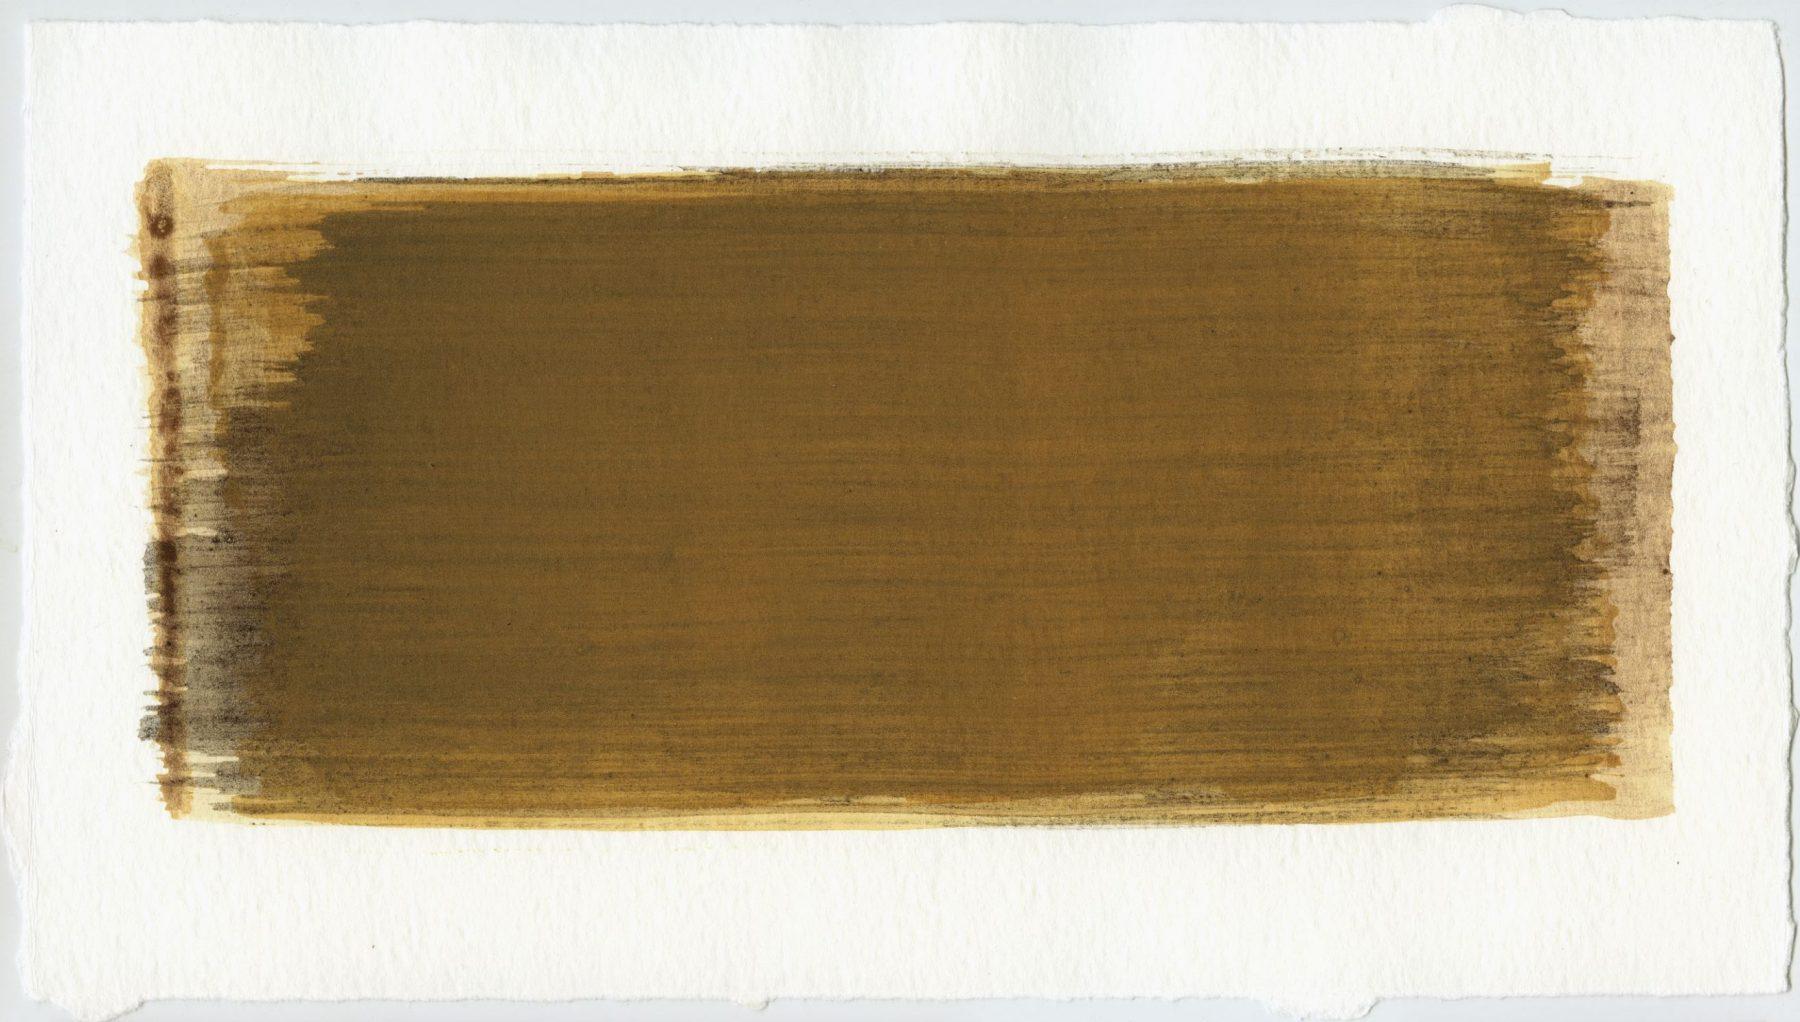 Brush stroke no. 38 - Selfmade pigment: IJzeroer, Slingerpad bruin, Mortelse goudoker